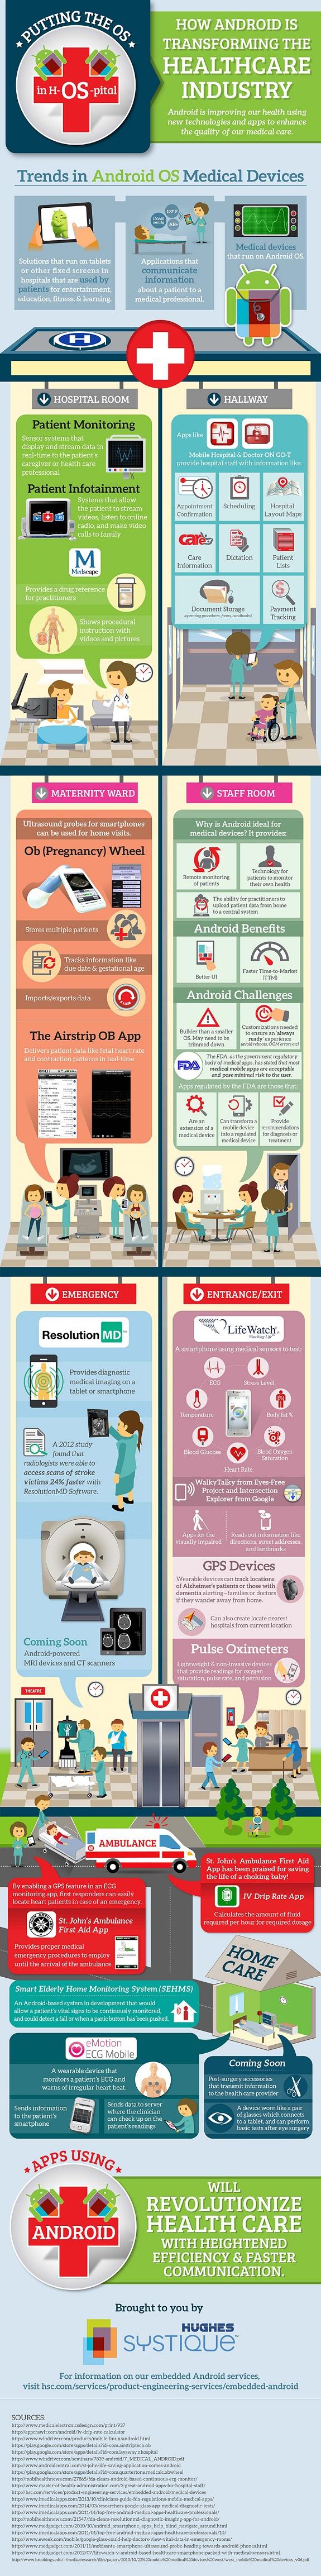 Smartphone, Android, Gesundheitsindustrie